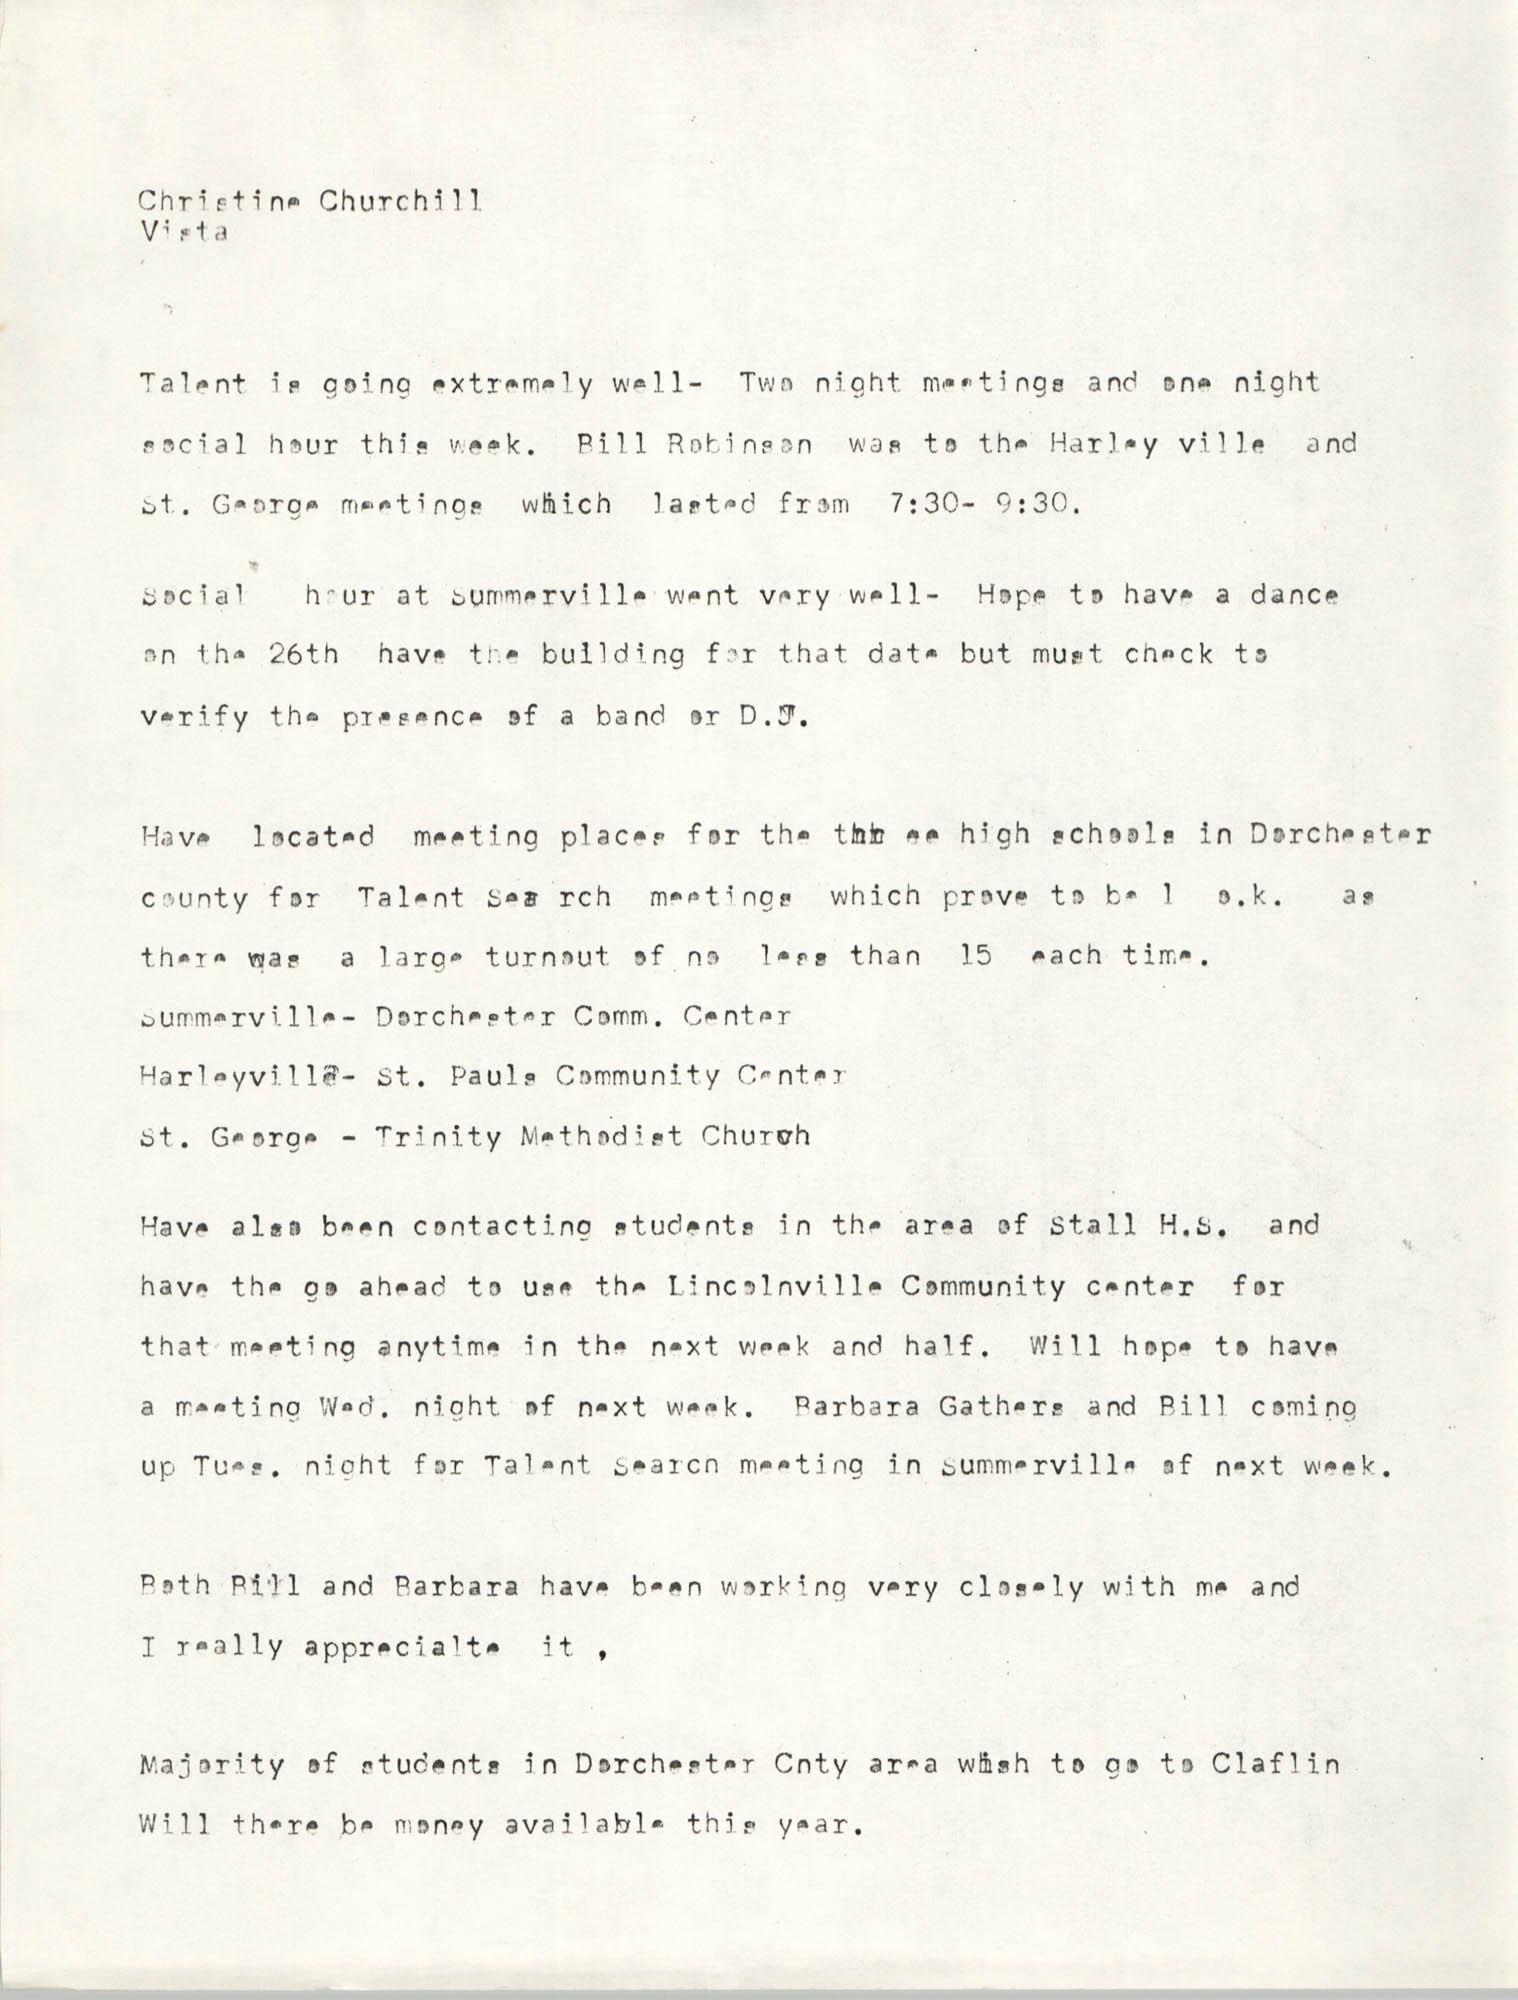 VISTA Monthly Report, 1971